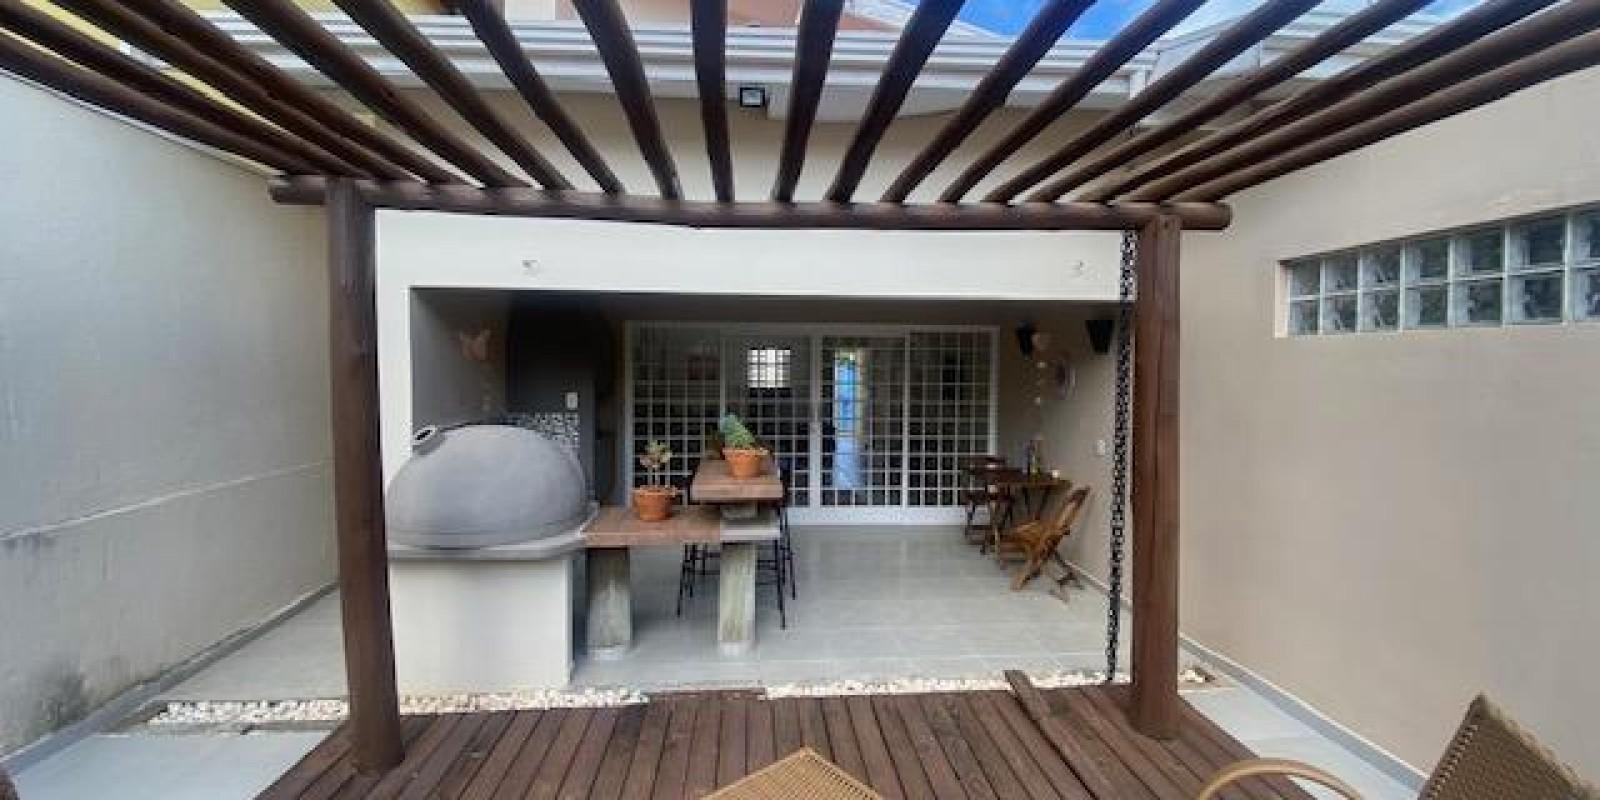 Casa no Bairro Brabancia em Avaré SP - Foto 15 de 24